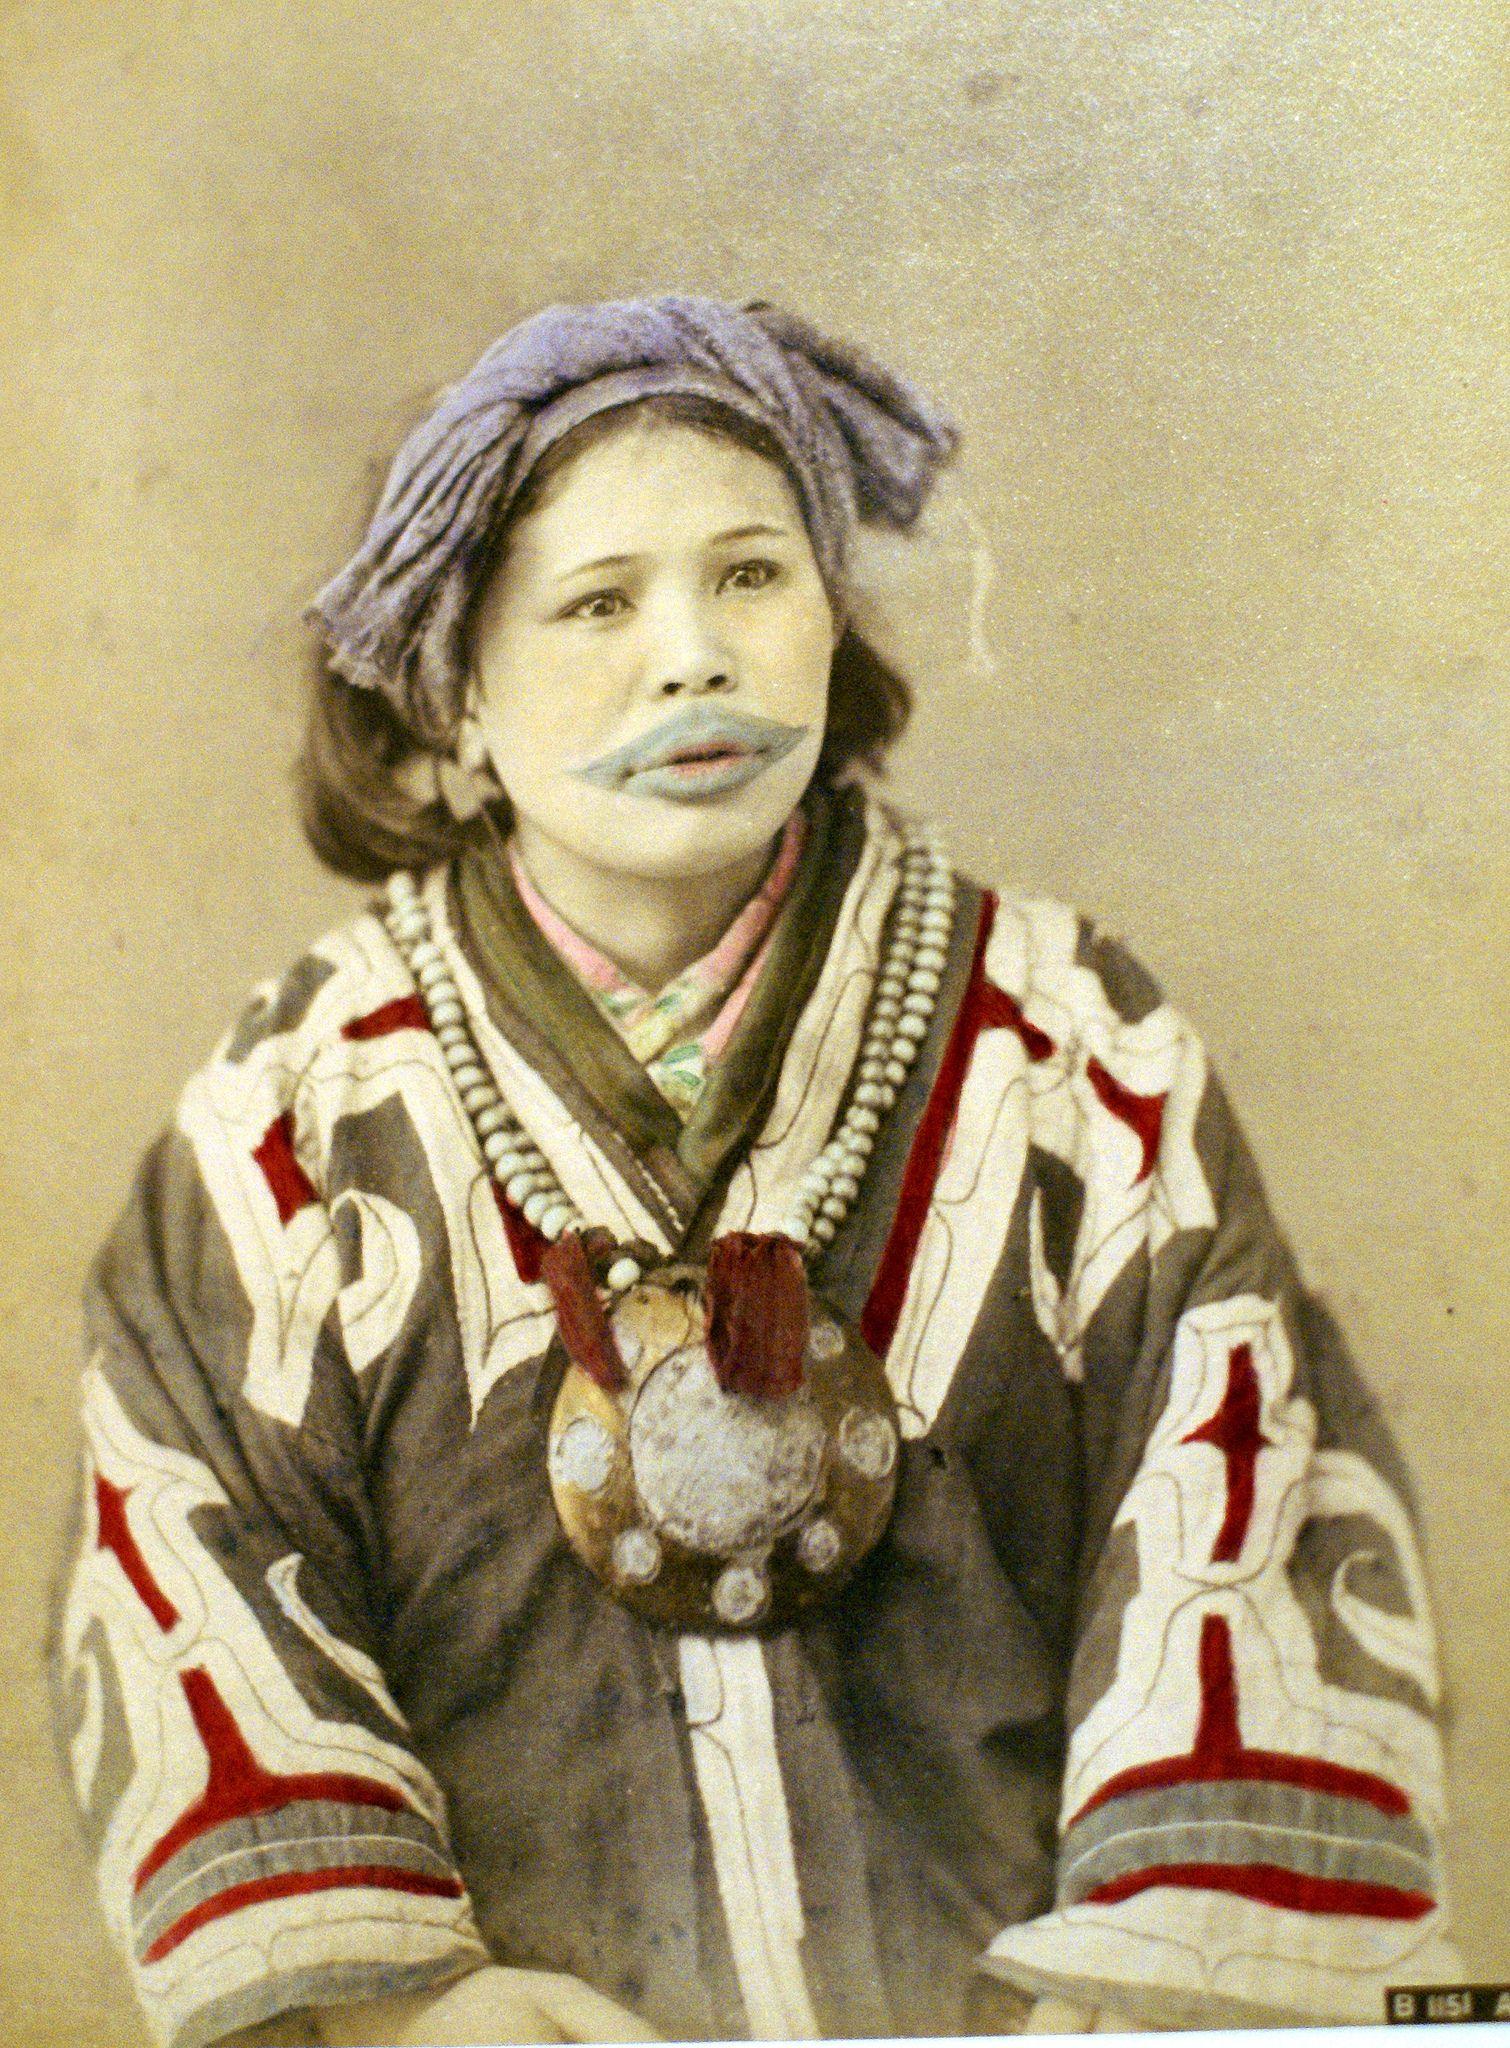 Freie amerikanische Ureinwohner-Frauen, die Sites datieren